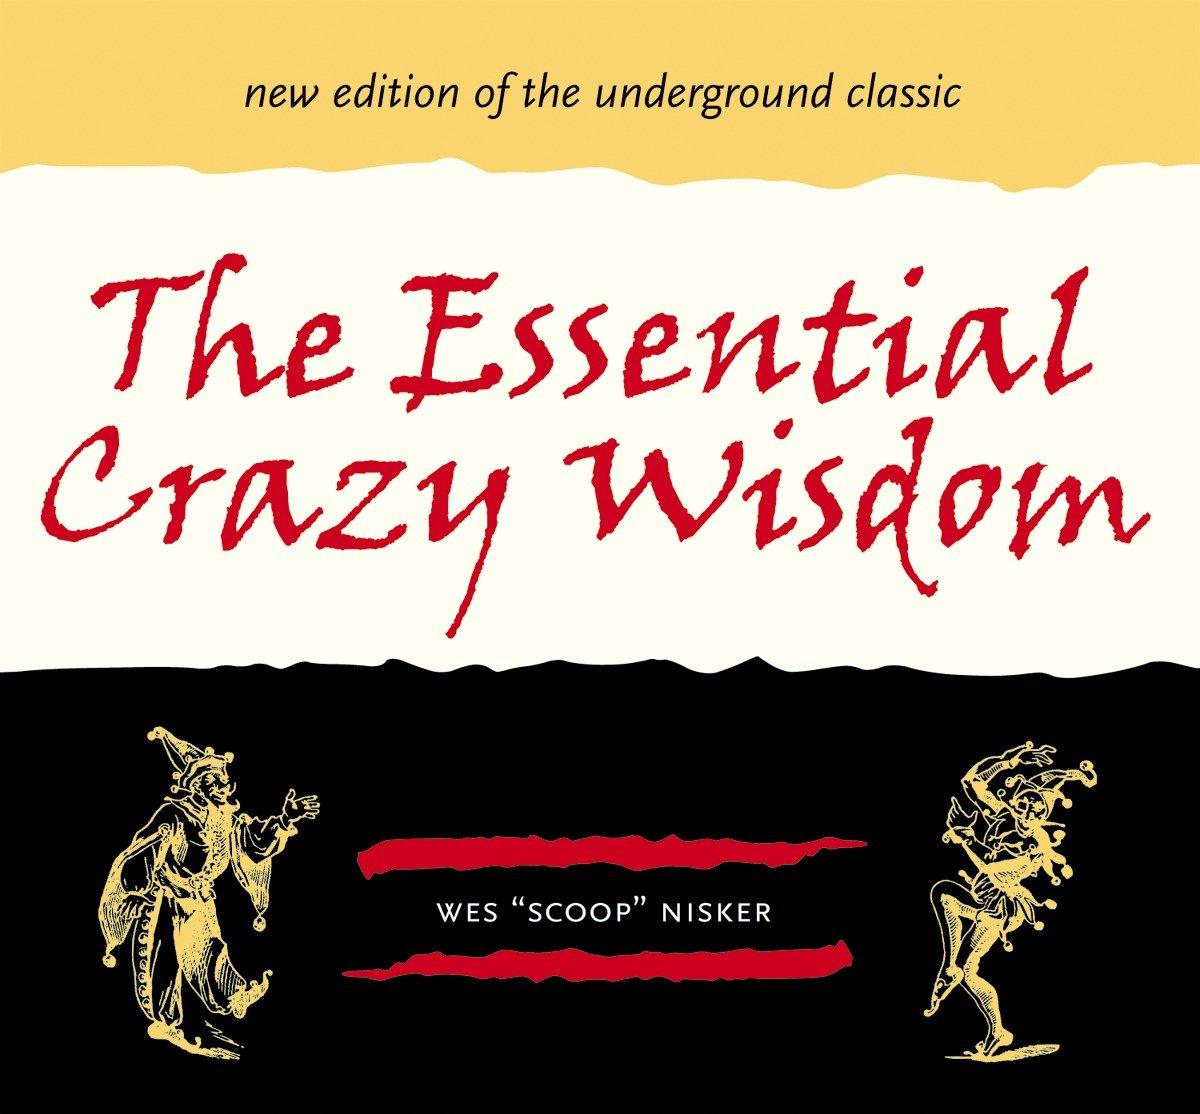 The Essential Crazy Wisdom